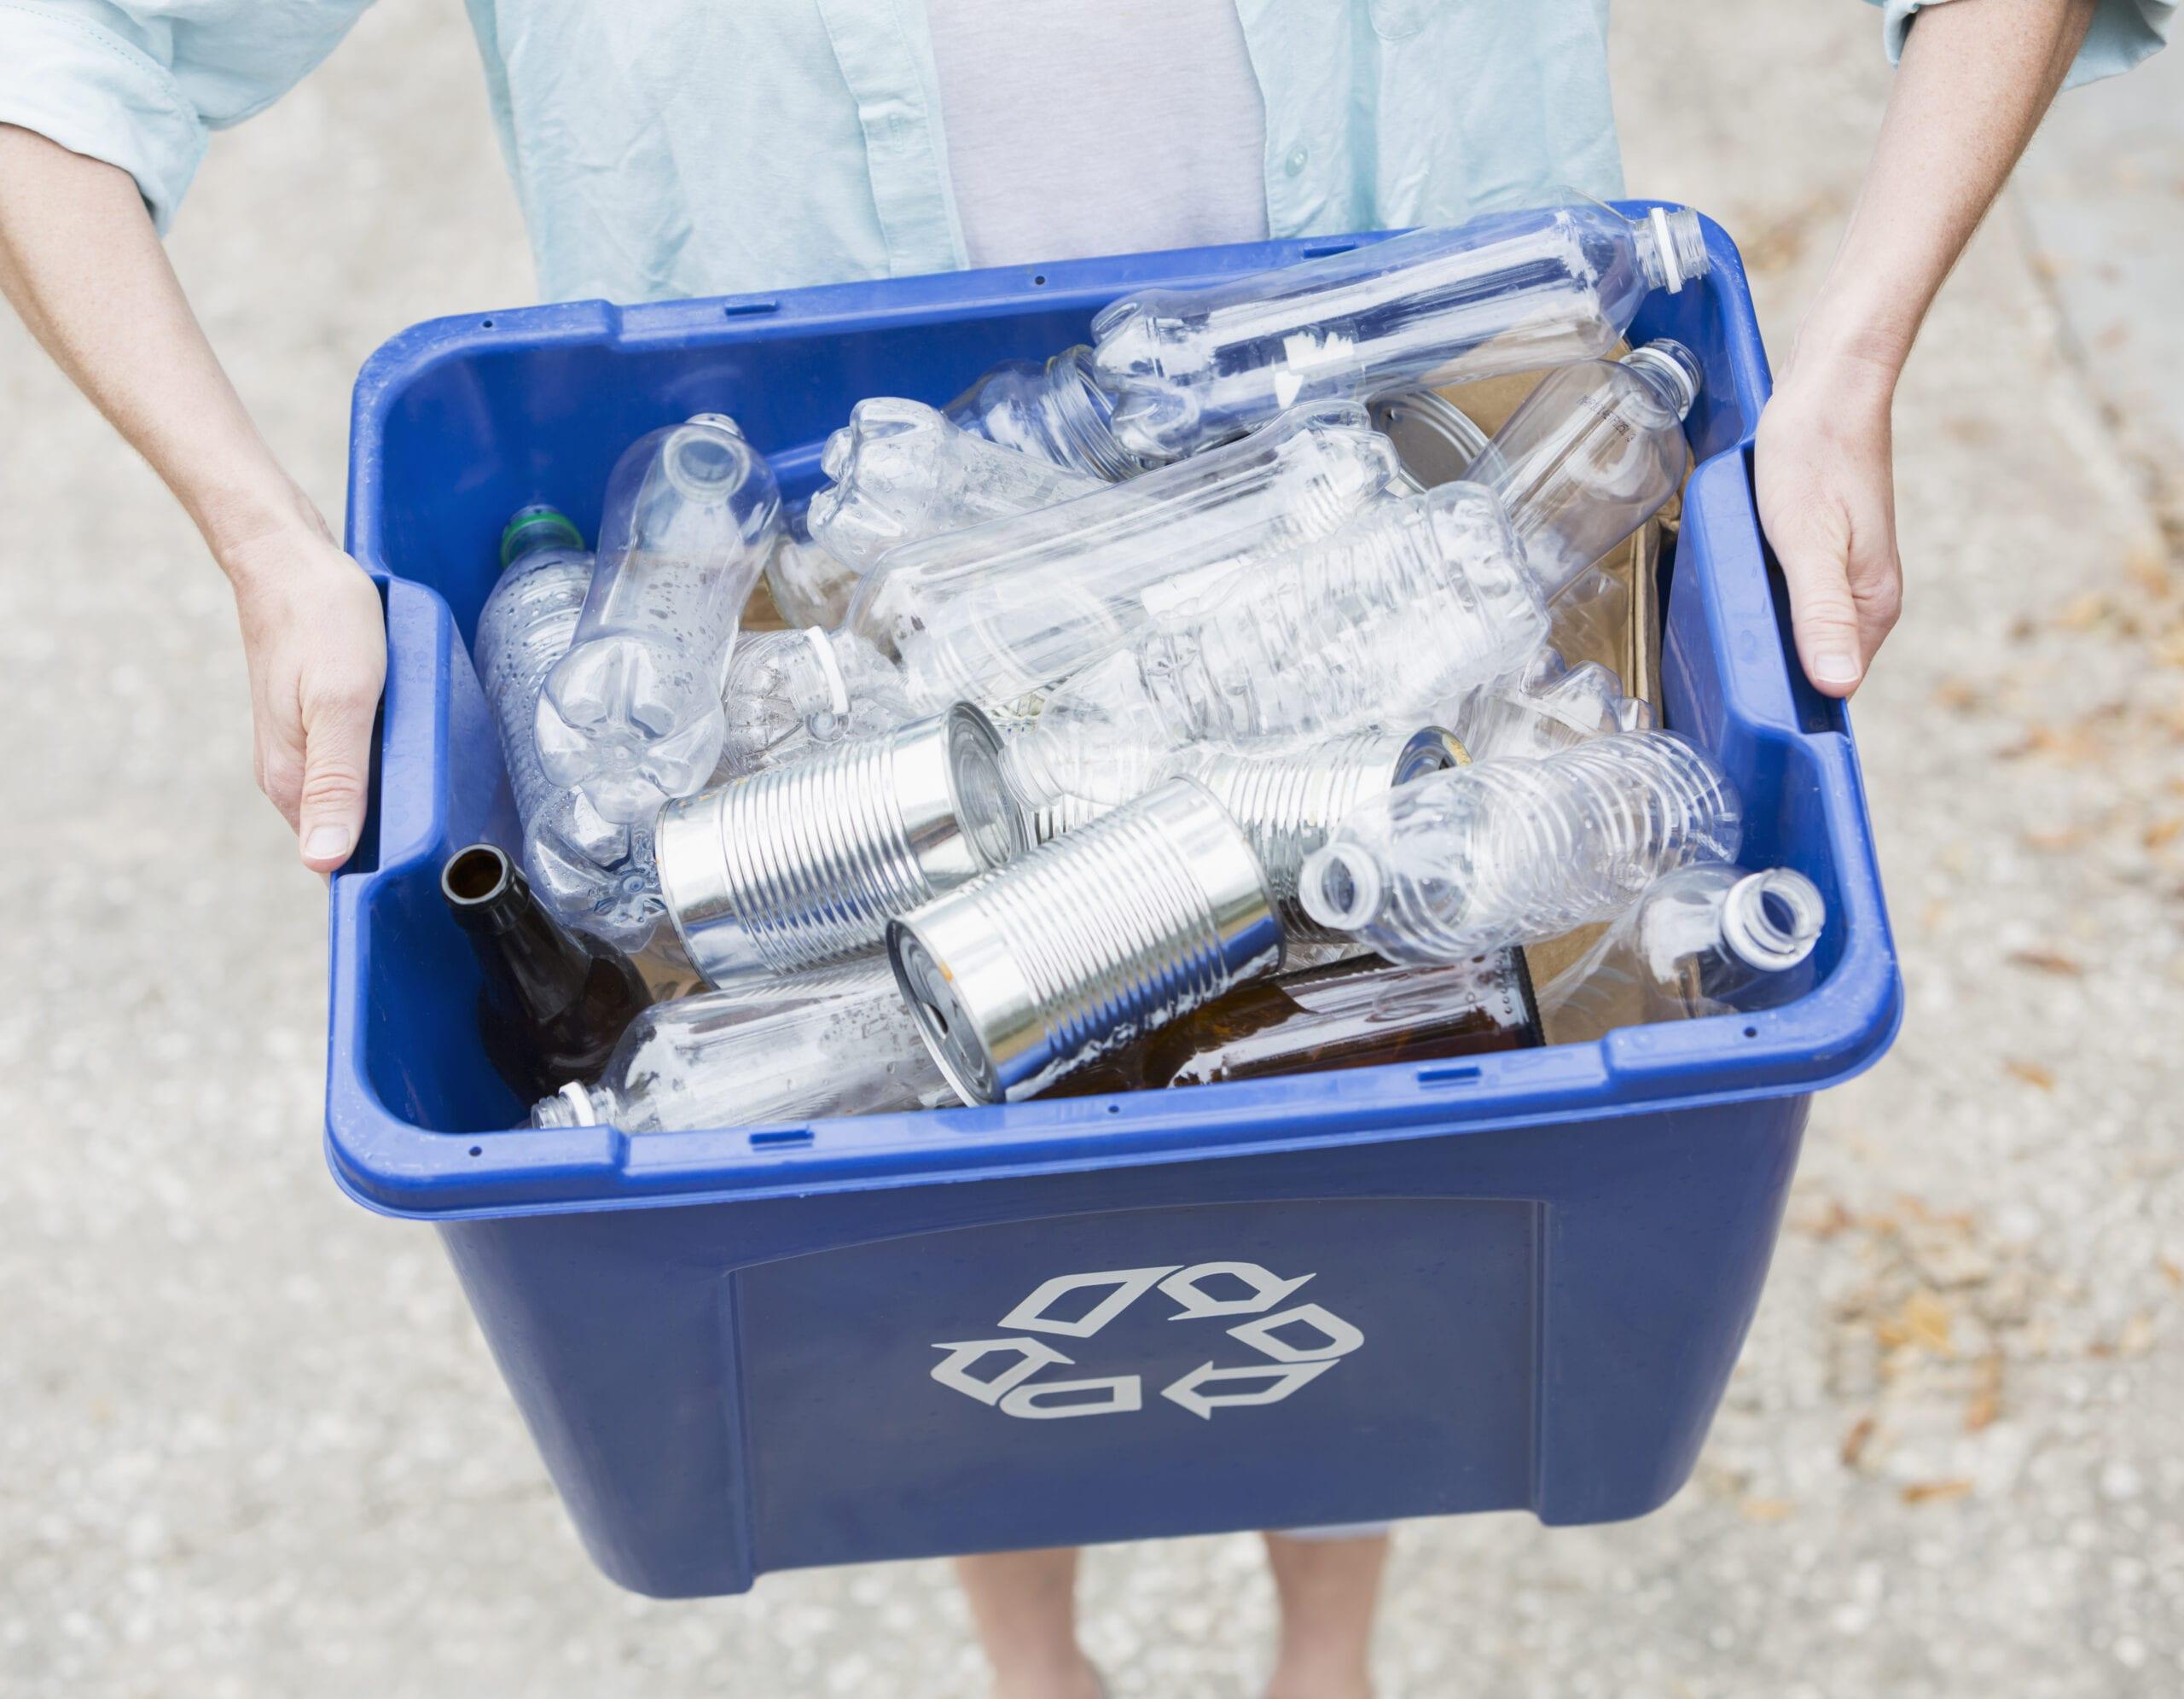 Woman carrying recycle bin